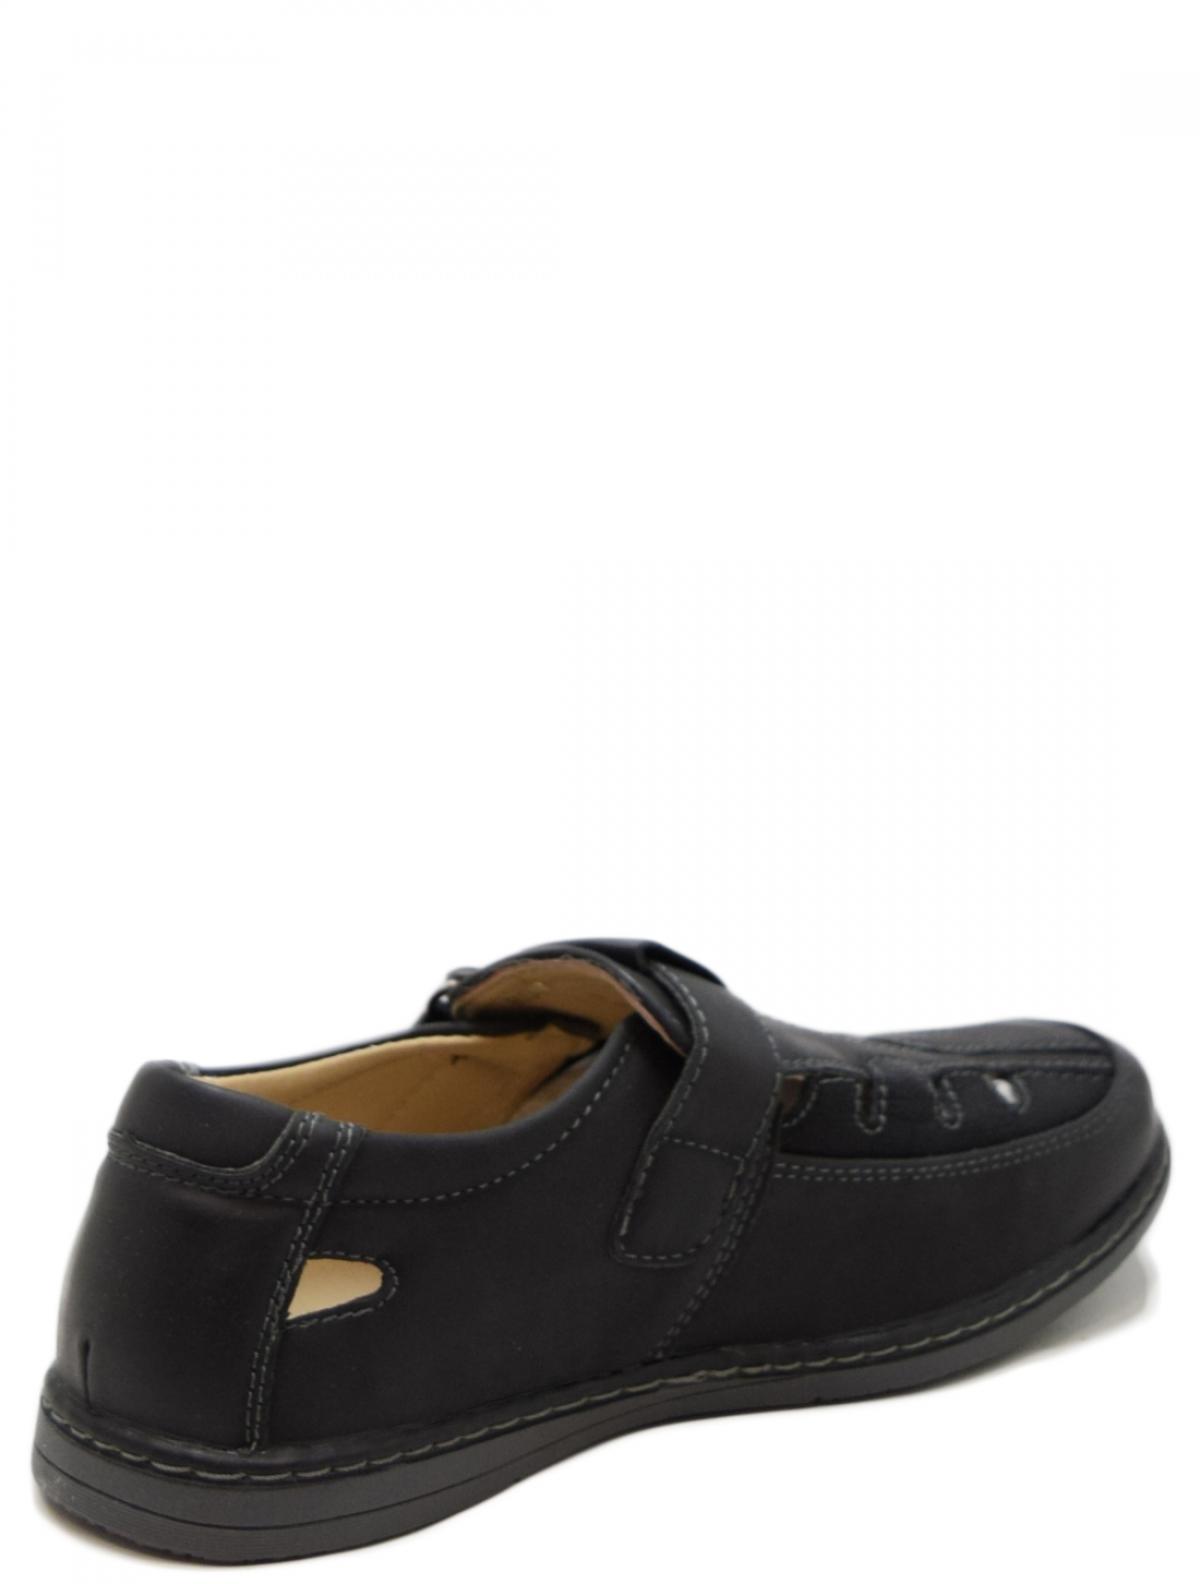 Сказка R031534515 детские туфли